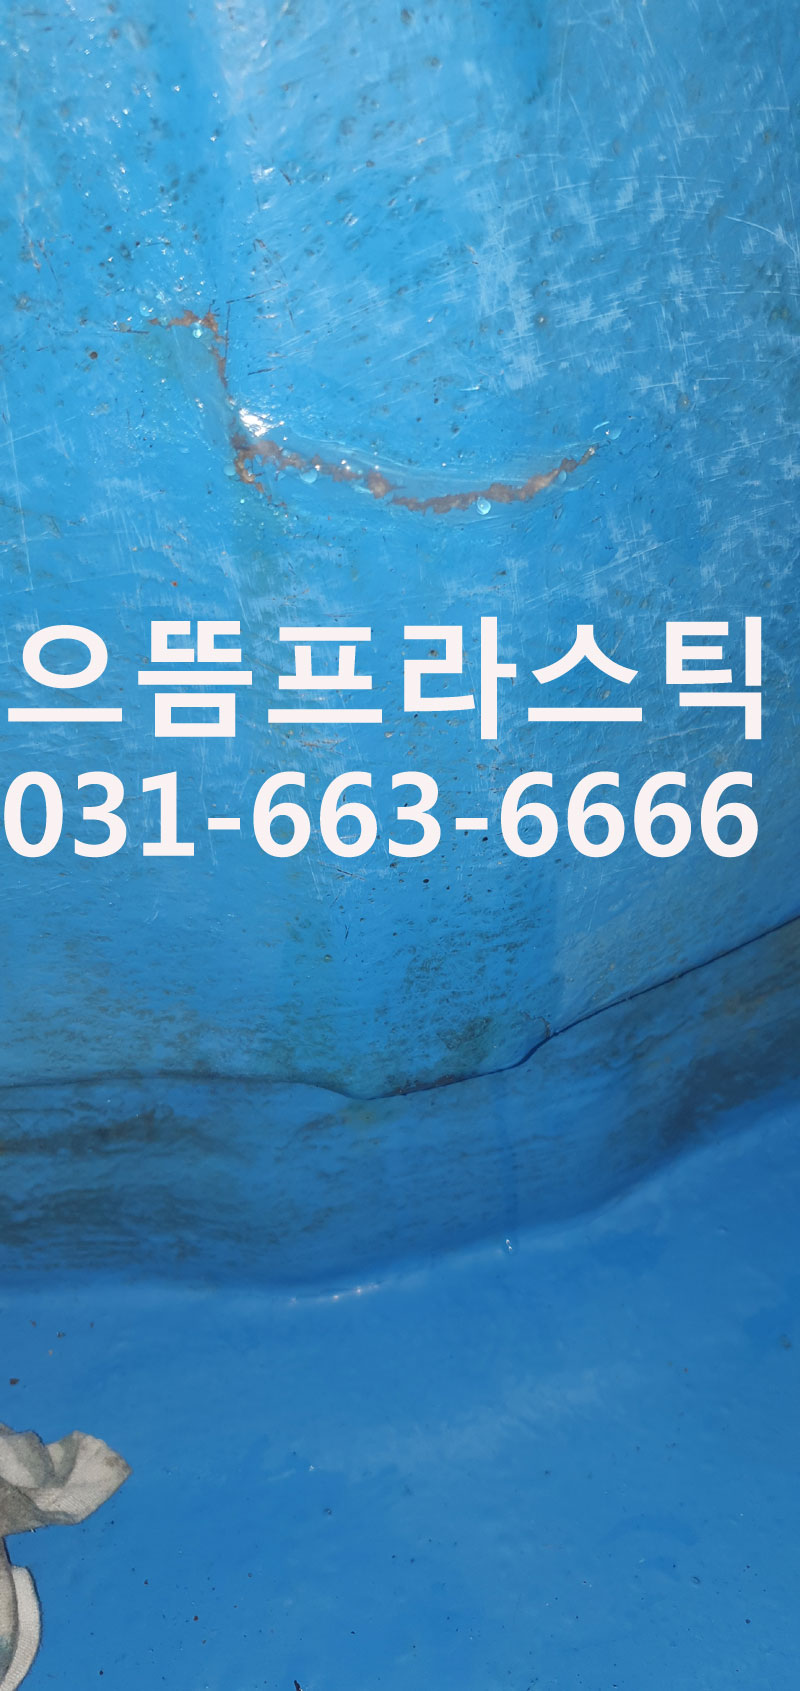 2796bcda83f5a0eee4326d8219629263_1630908556_8225.jpg